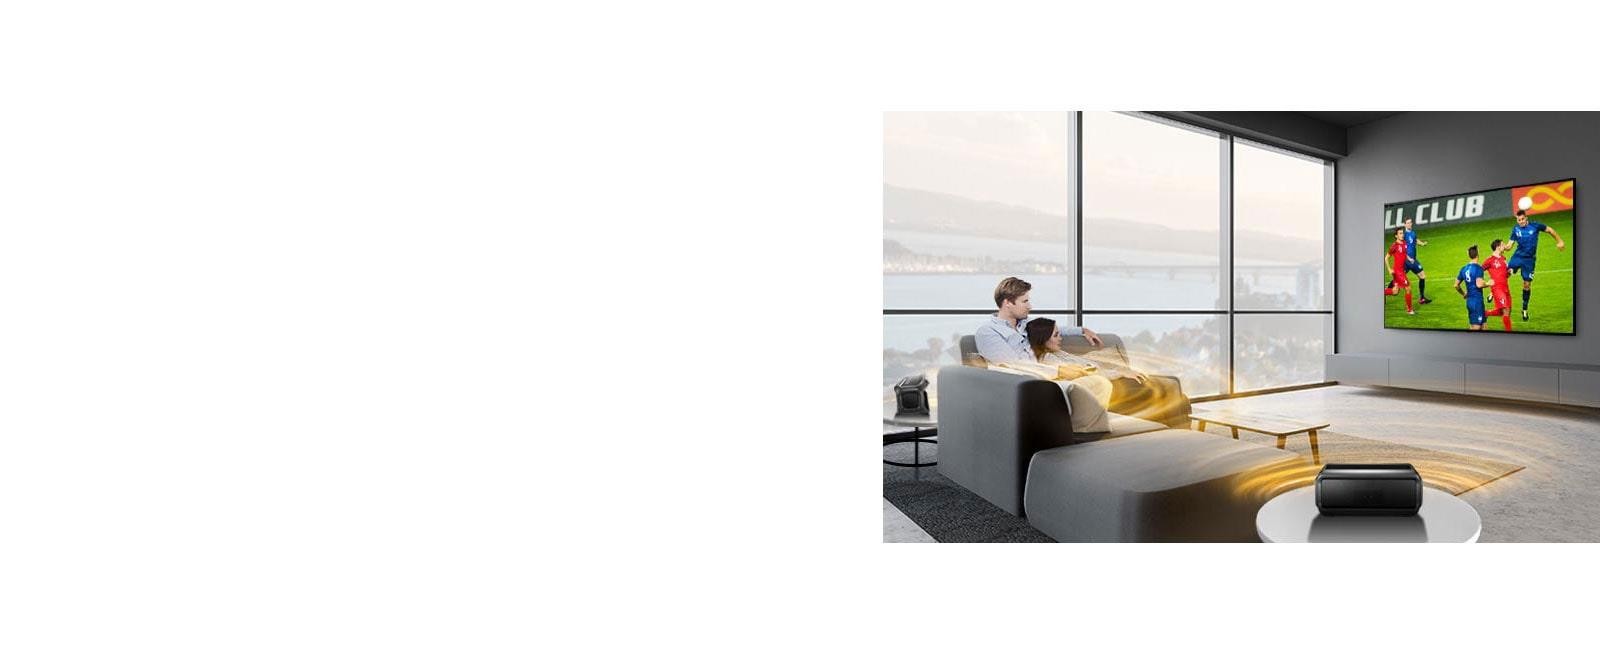 Một người đàn ông và phụ nữ đang xem trận đấu thể thao trên TV trong phòng khách với loa phía sau Bluetooth